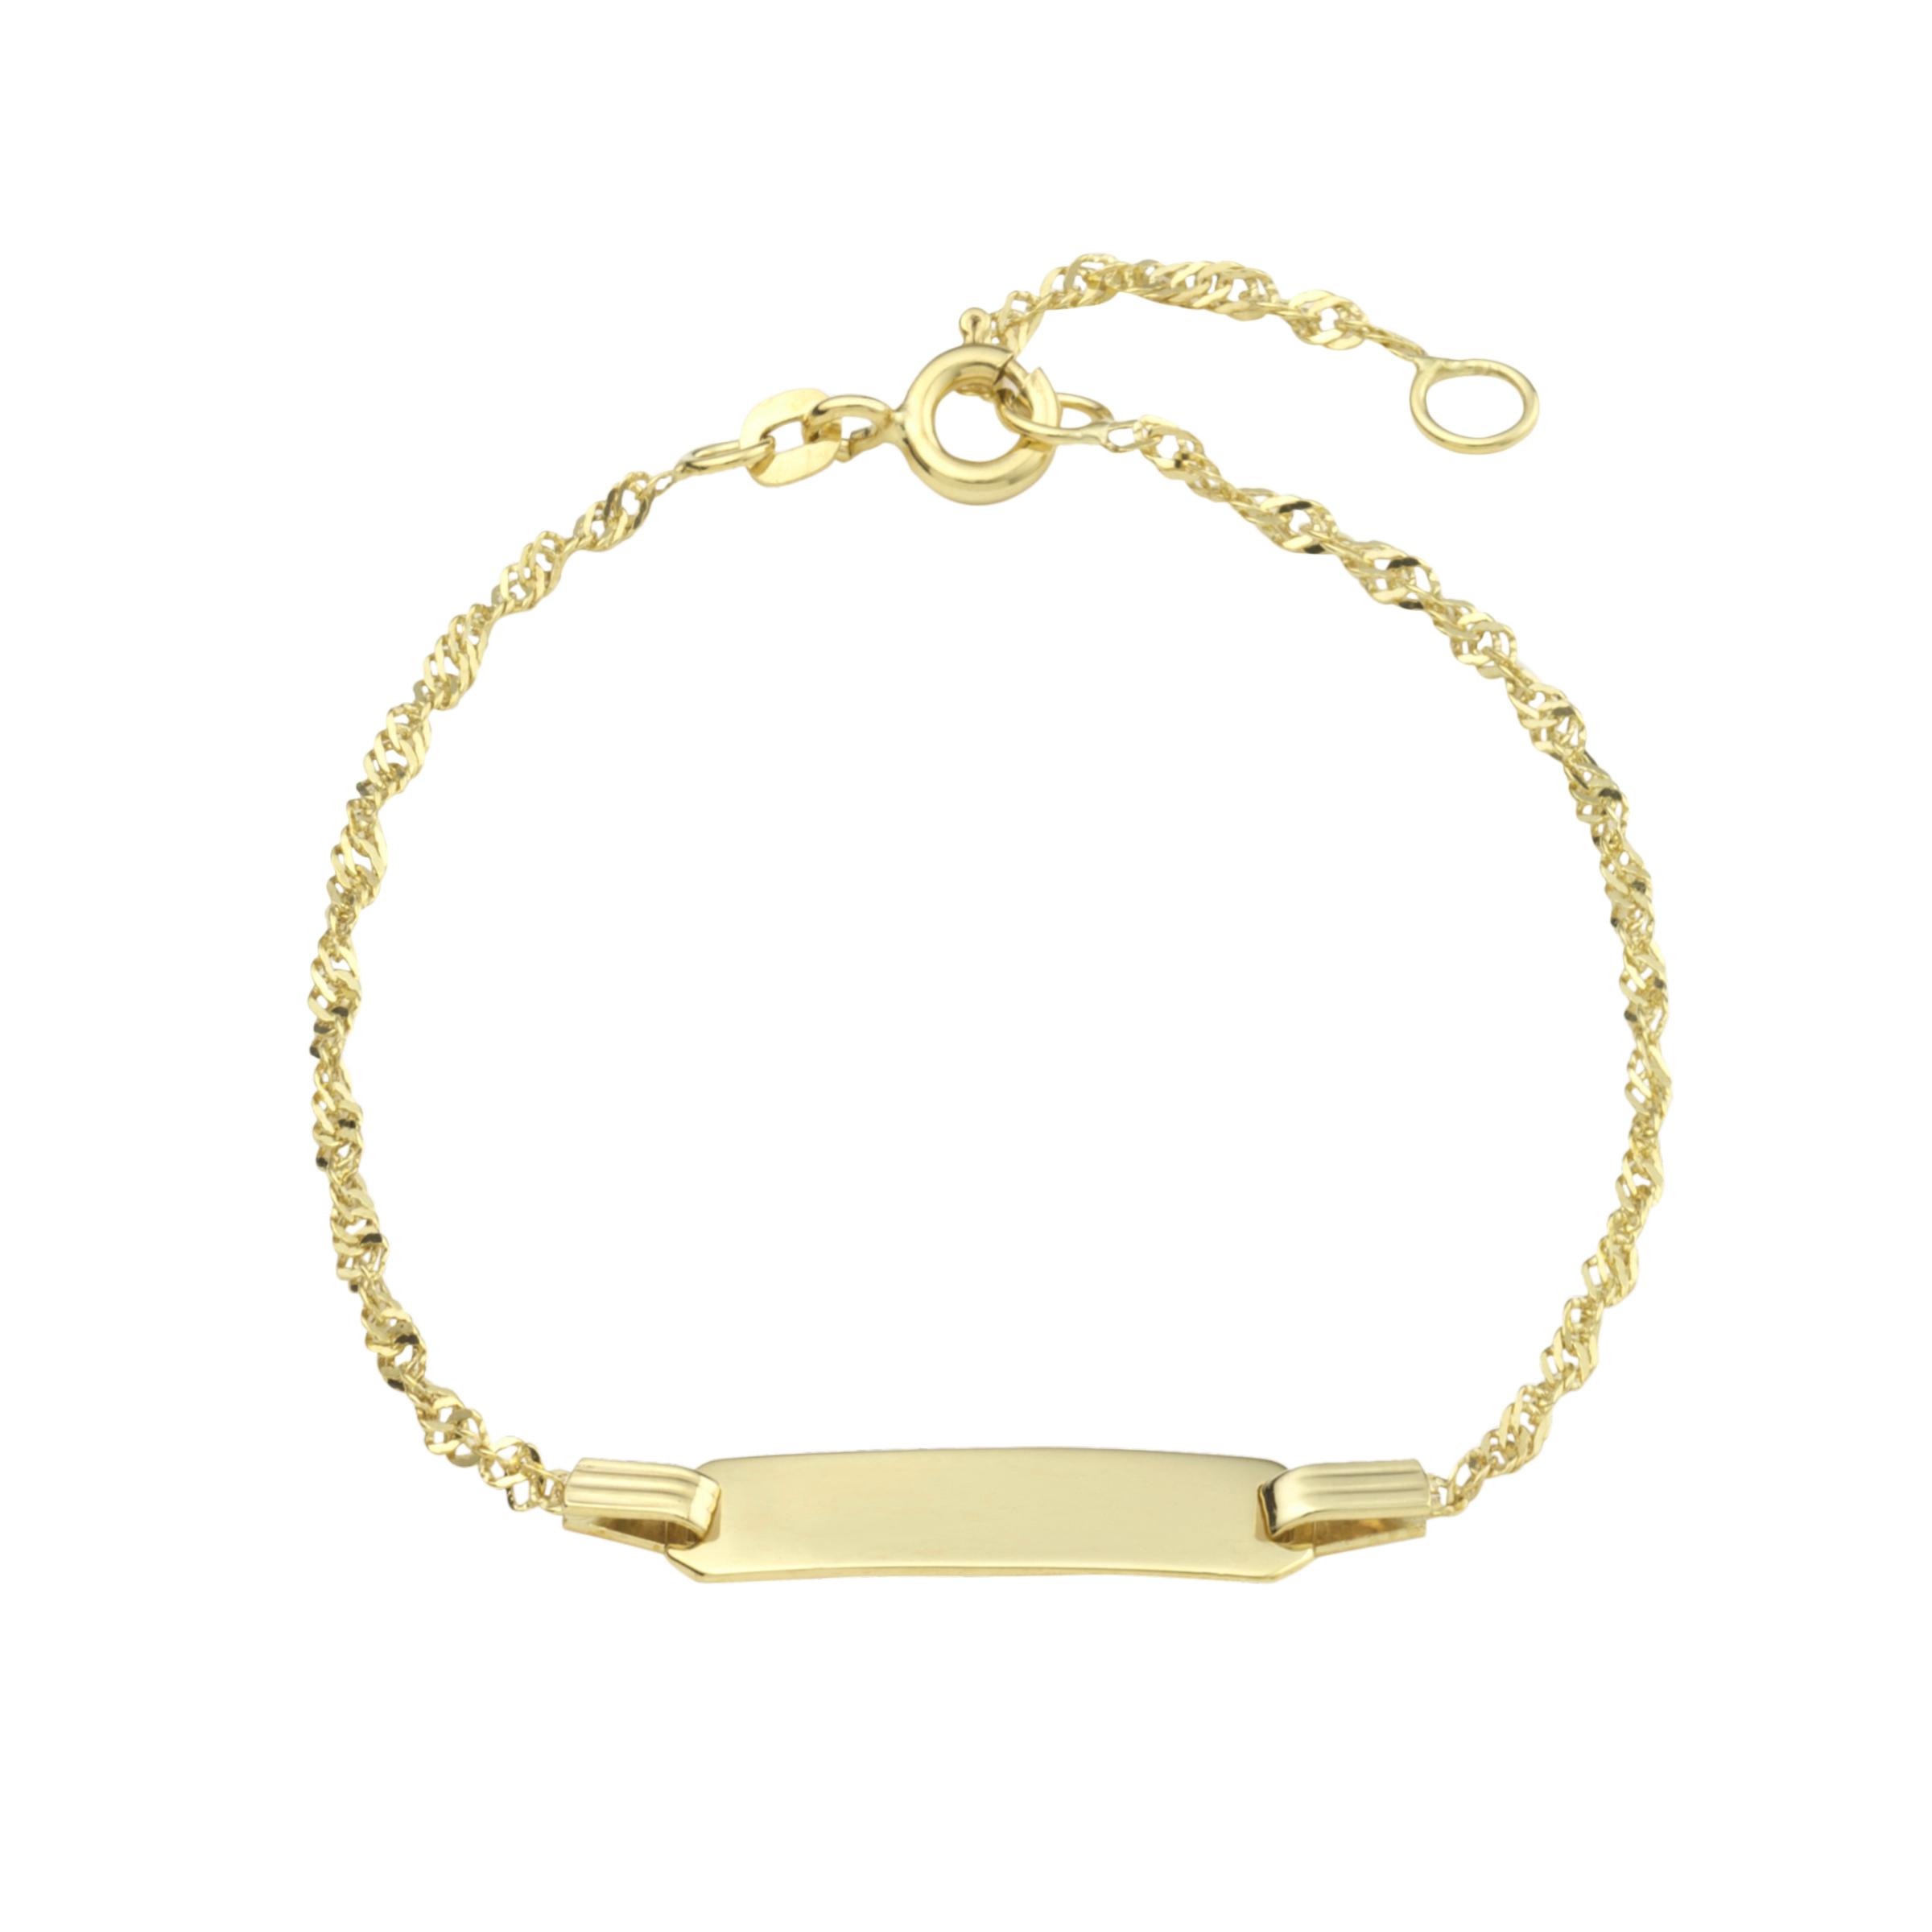 Identarmband für Damen, Gold 375